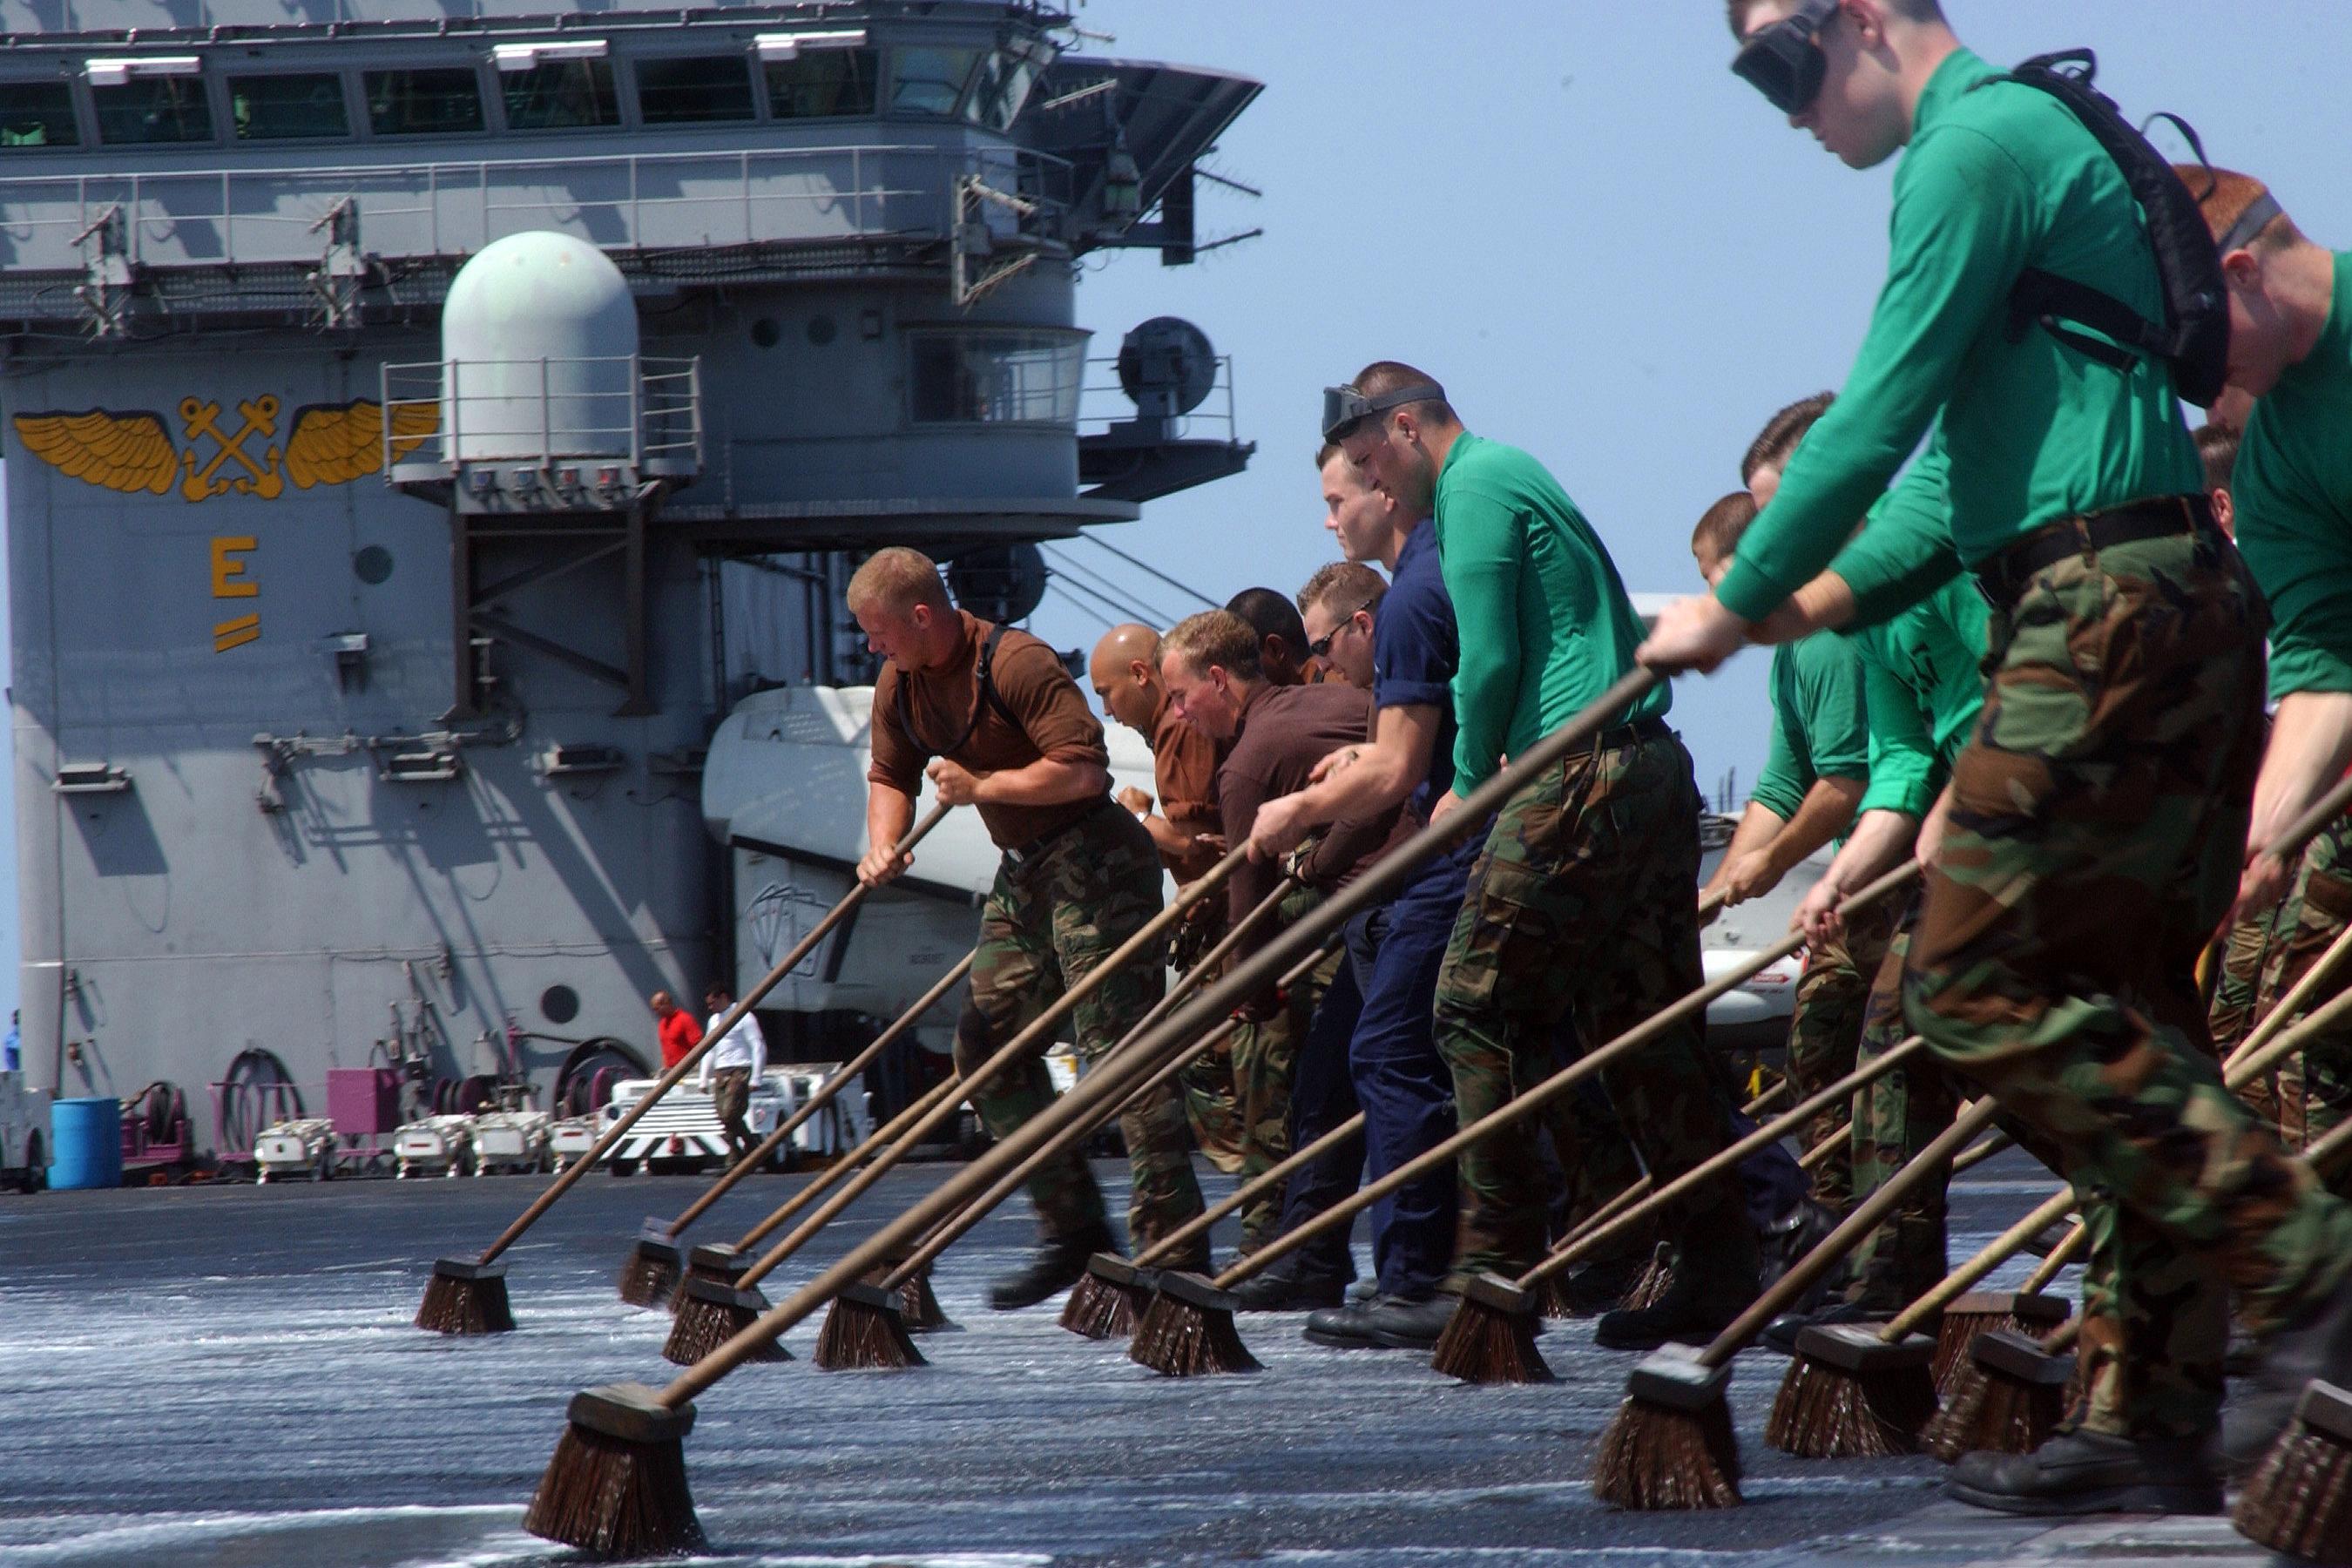 Image Tag Us Navy Sailors Aboard Uss Nimitz Aircraft Carrier 2700x1800